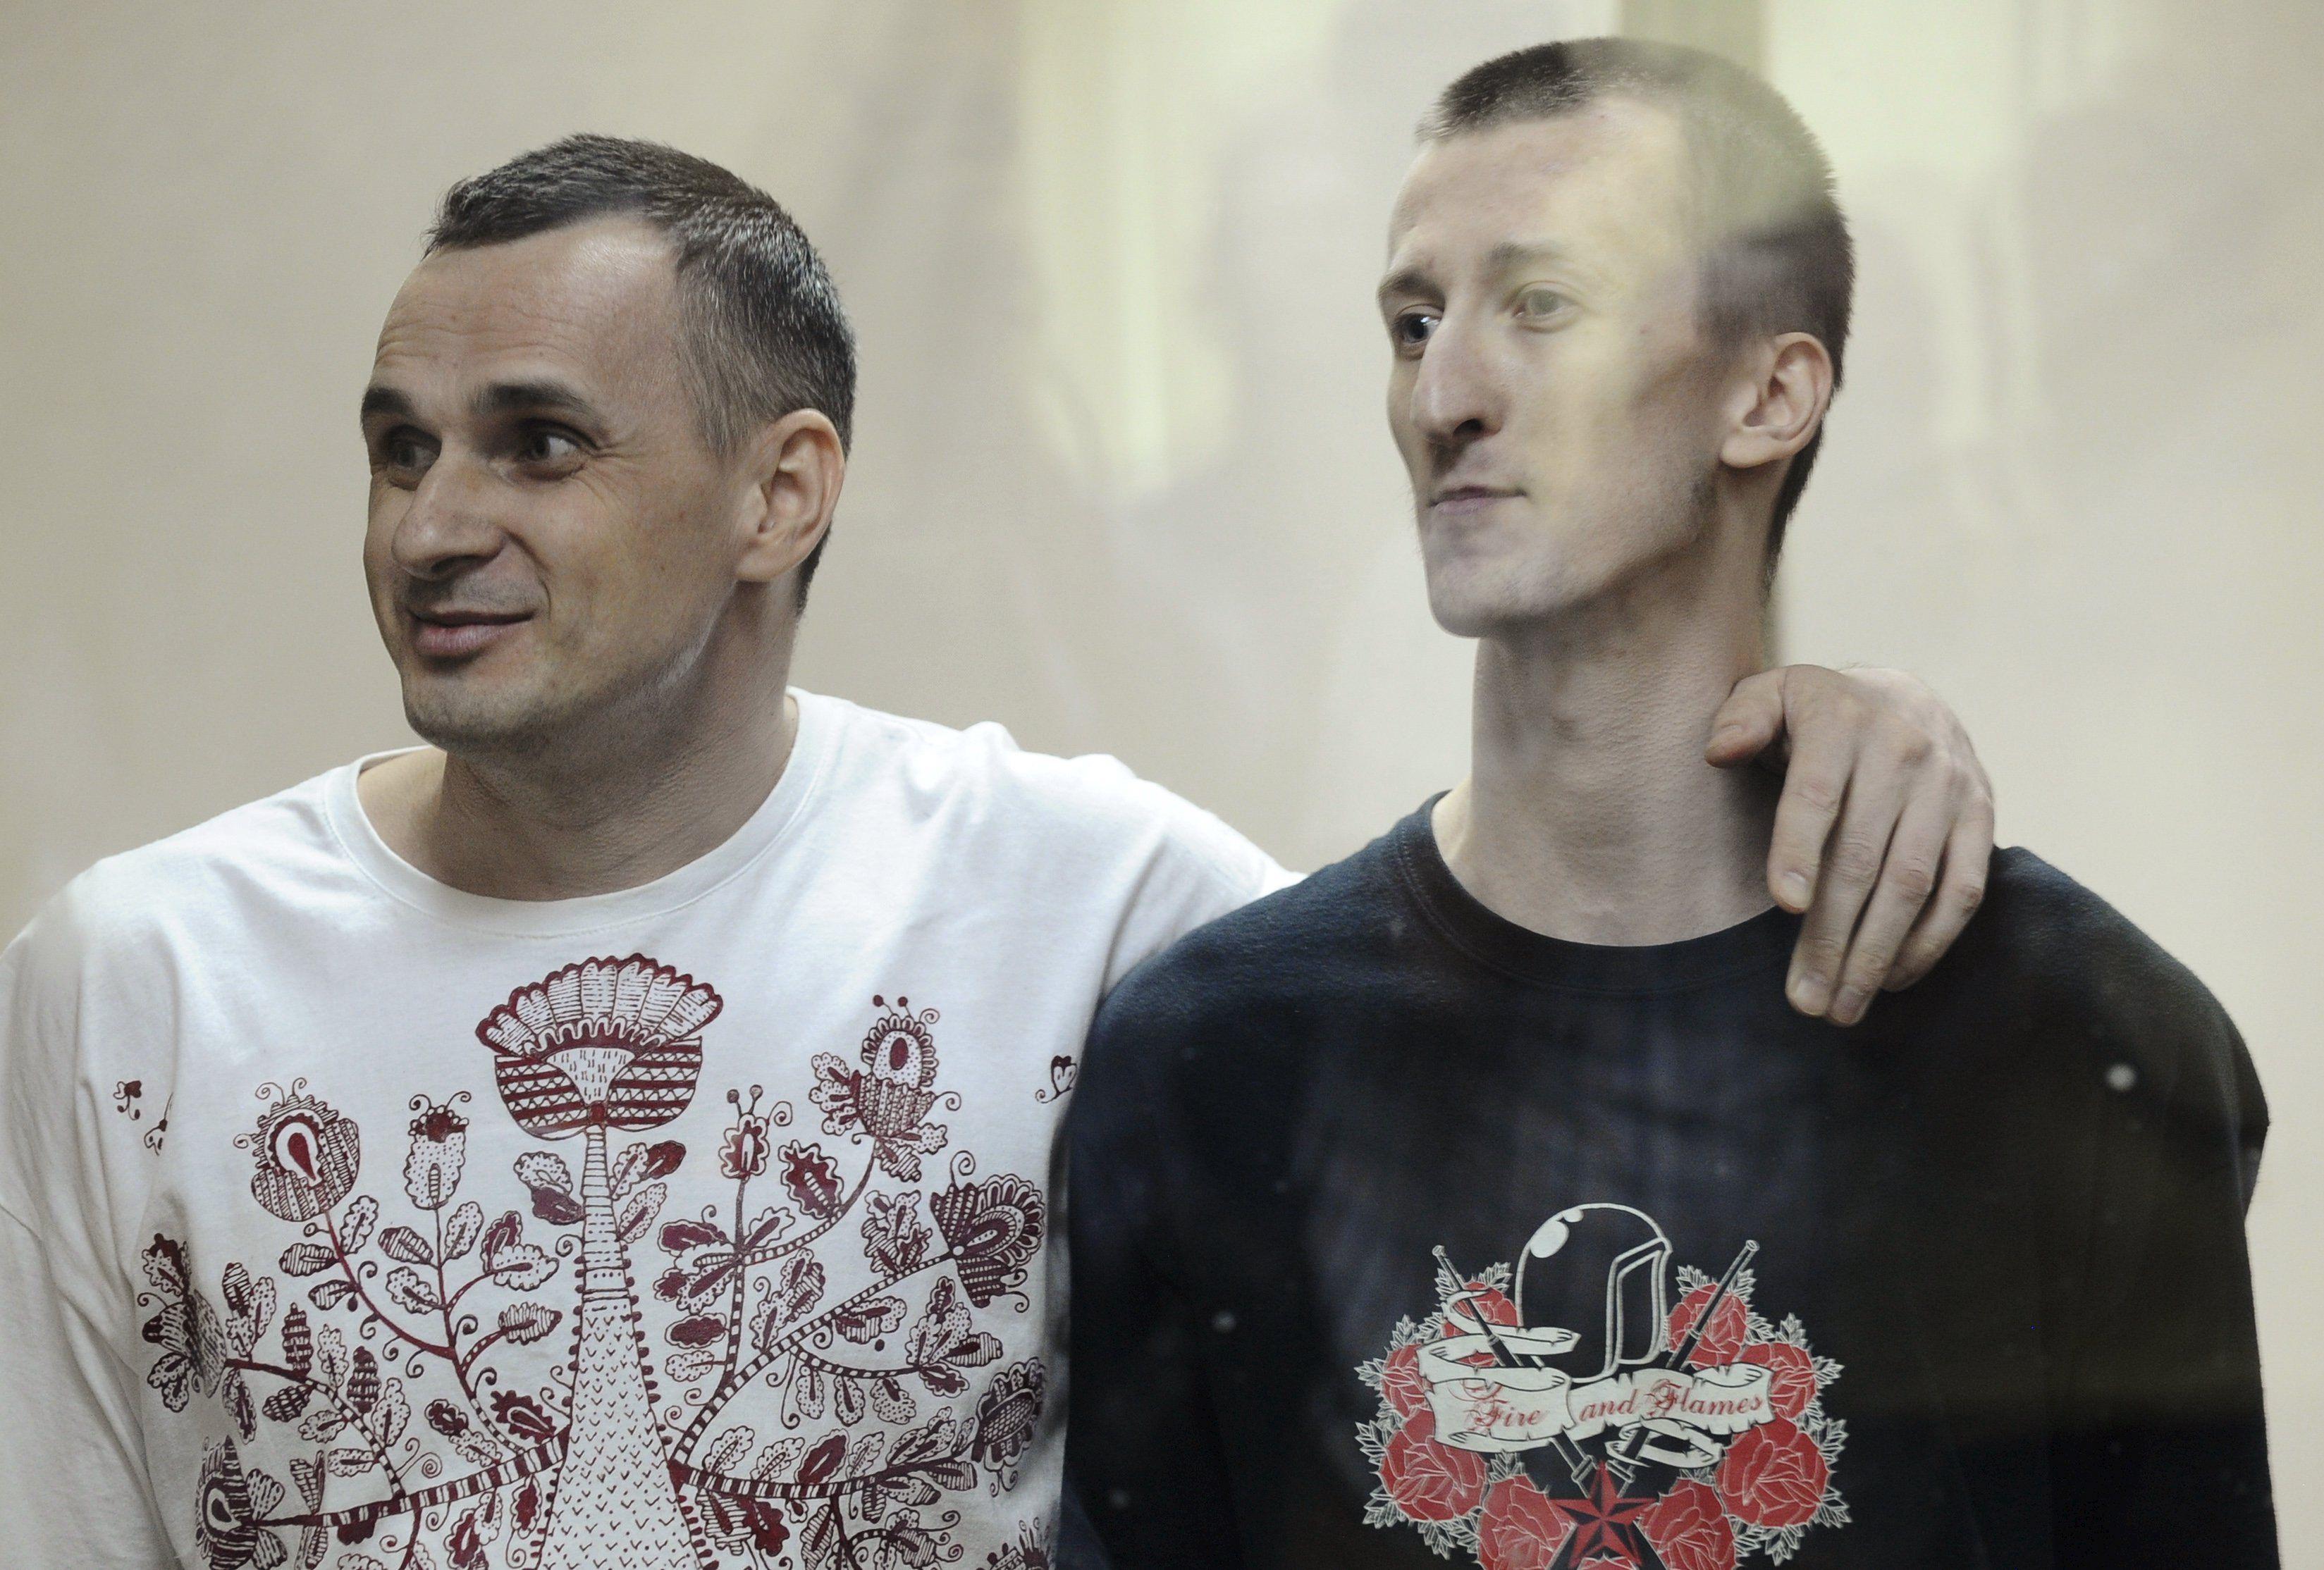 Александр Кольченко объявил голодовку, требует освобождения Олега Сенцова